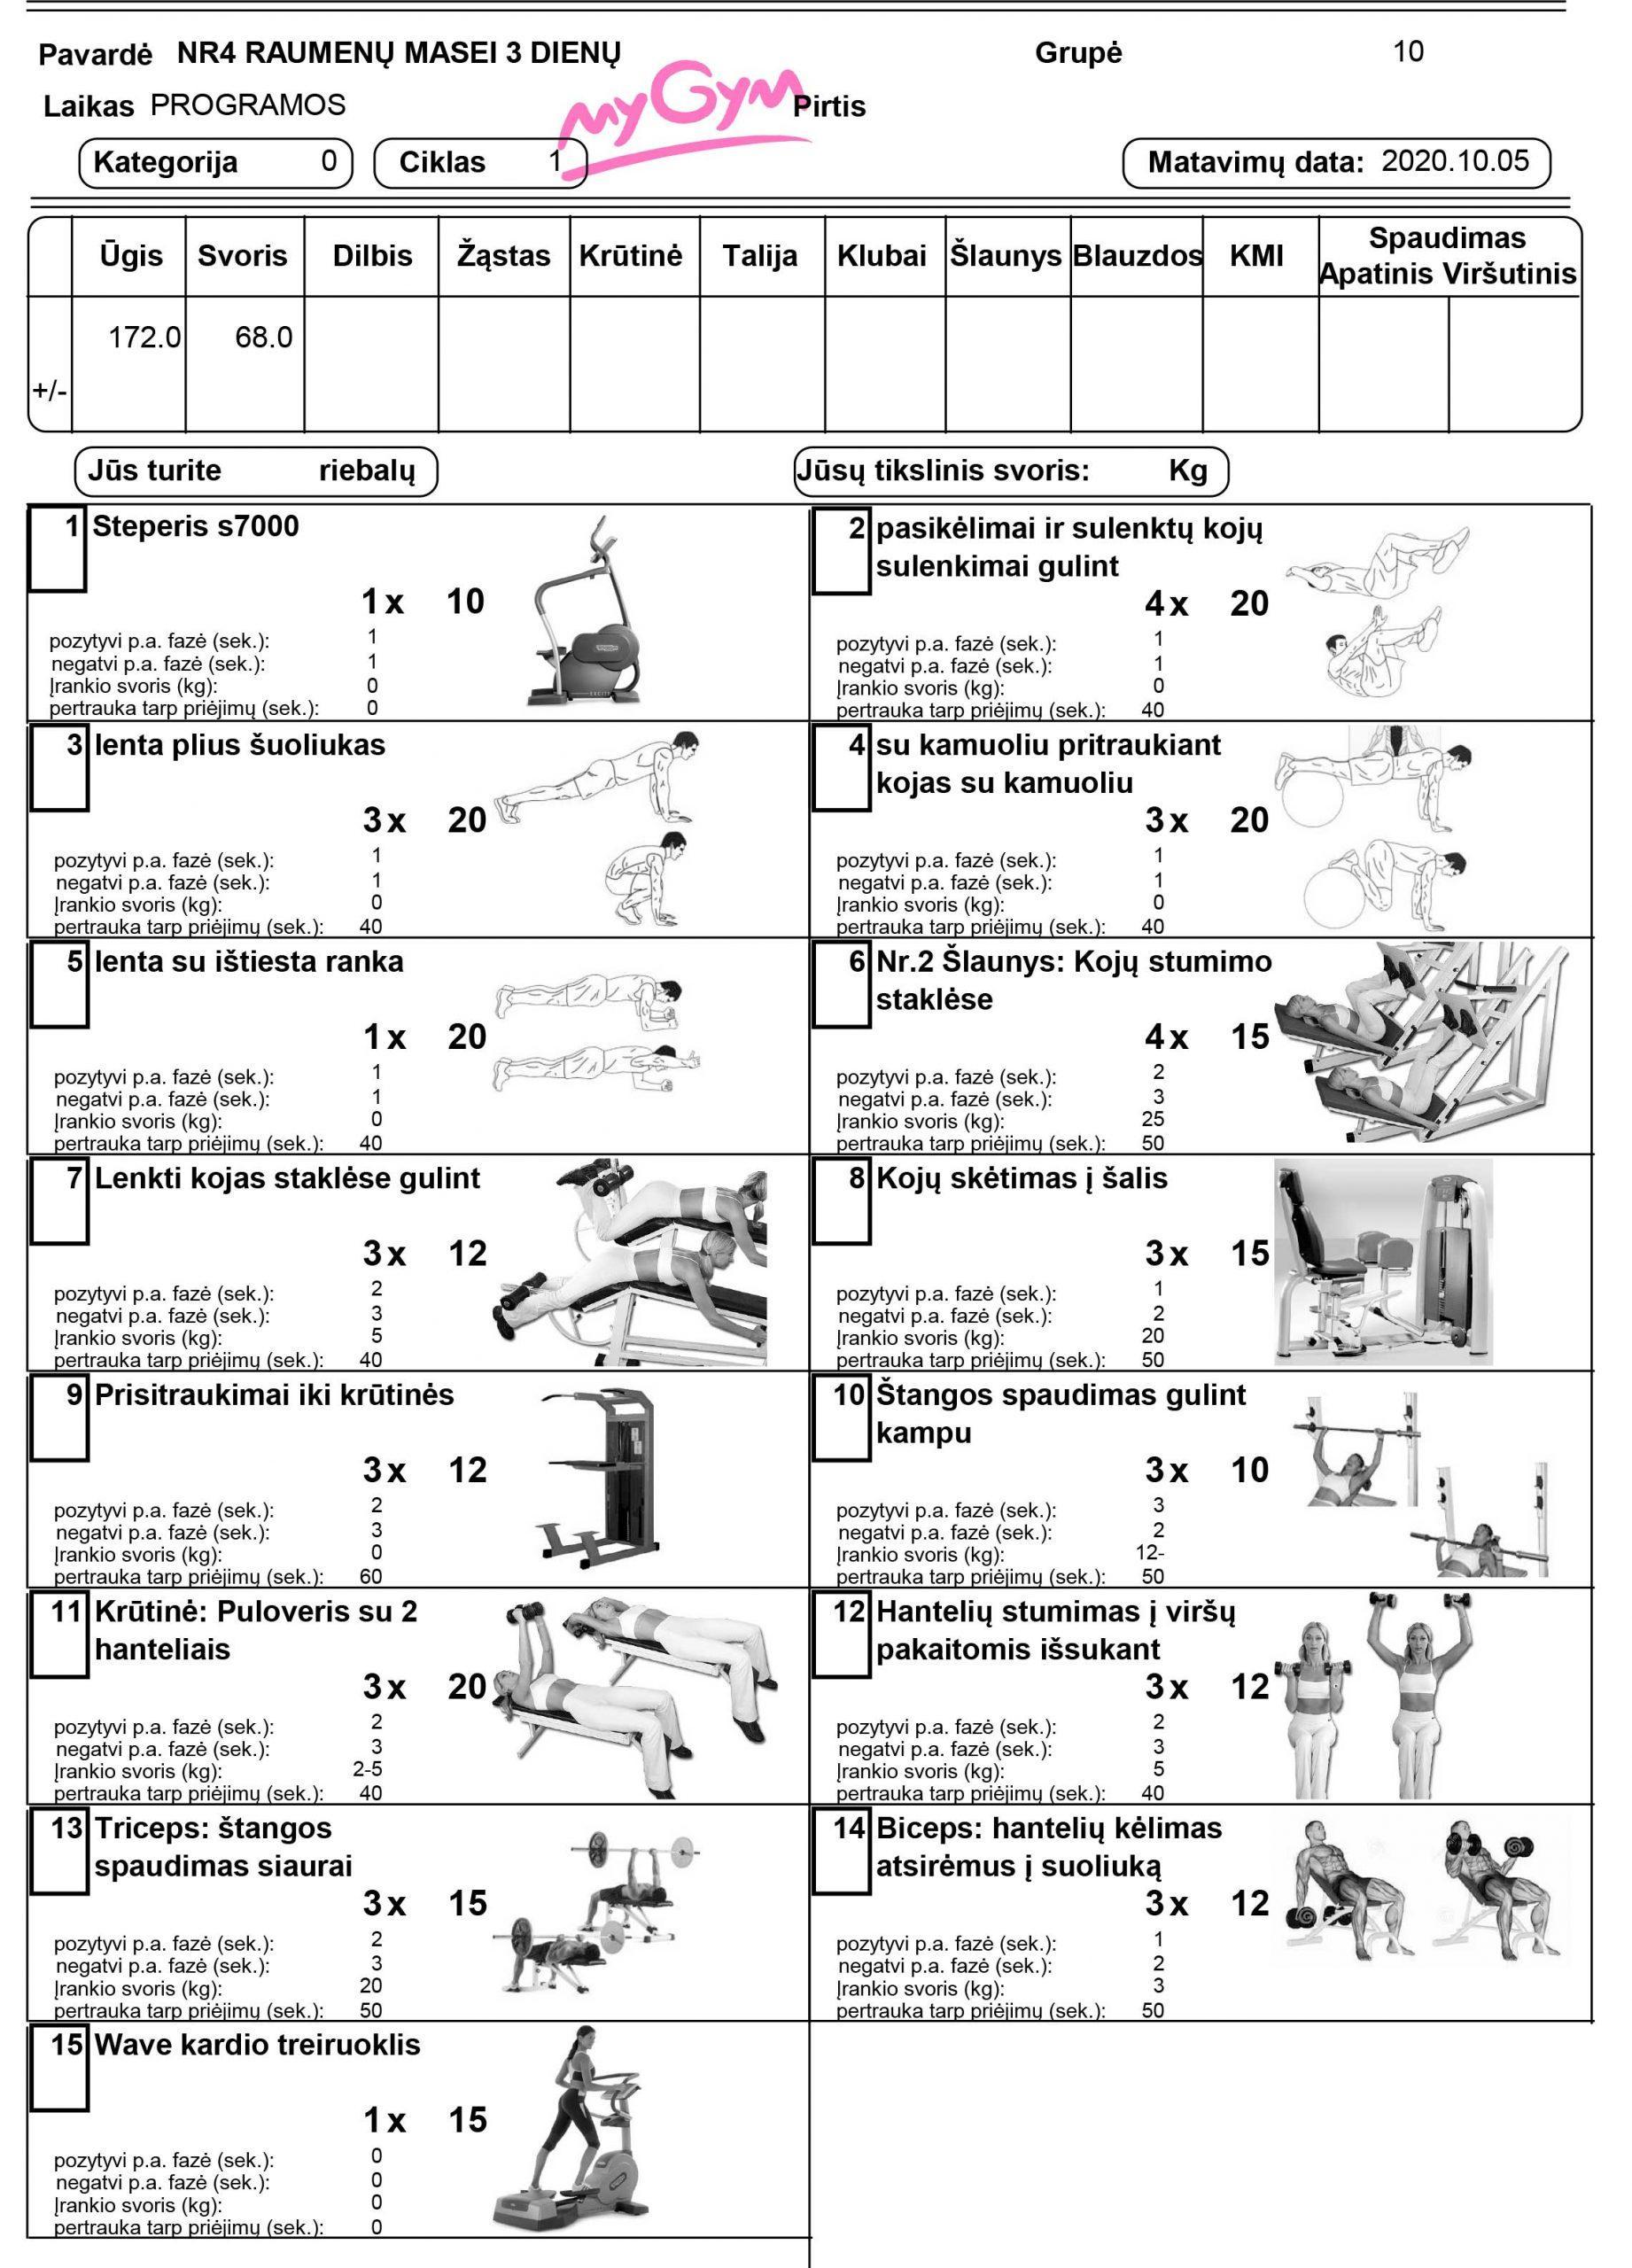 Raumenų masės treniruočių programa 3 dienoms